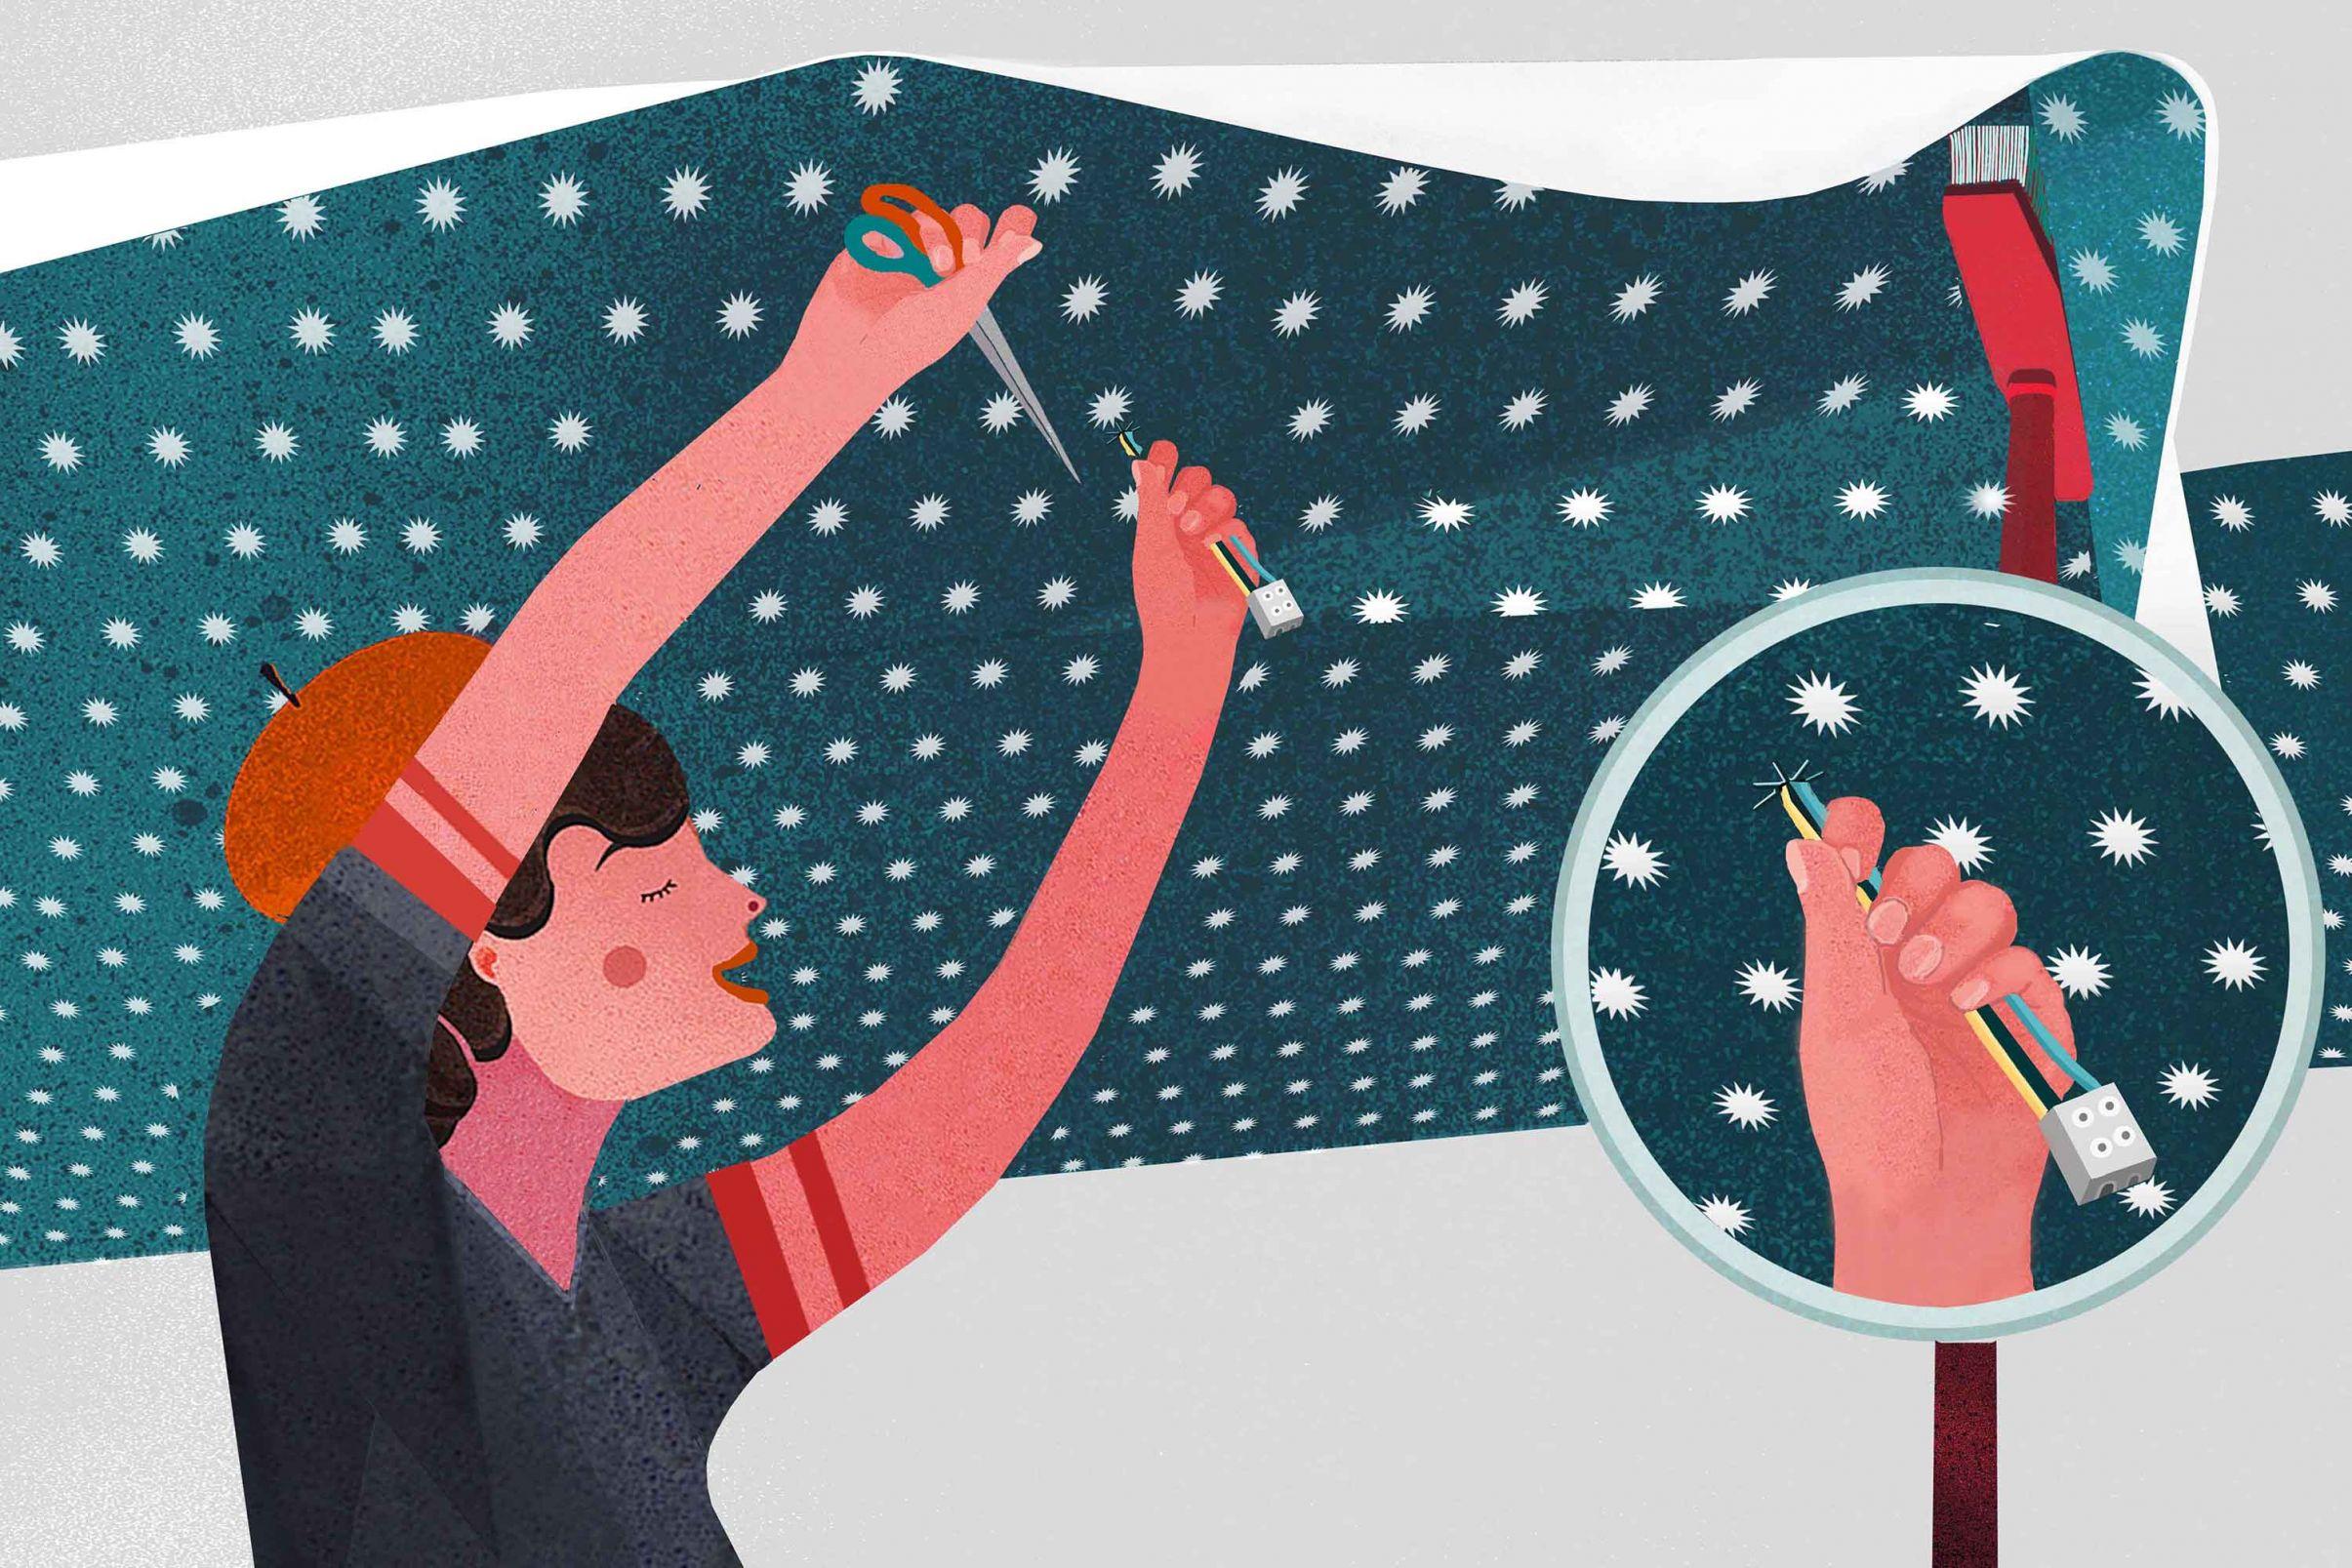 Como-colocar-papel-de-parede-no-teto-Corte-um-buraco-para-o-encaixe-do-candeeiro